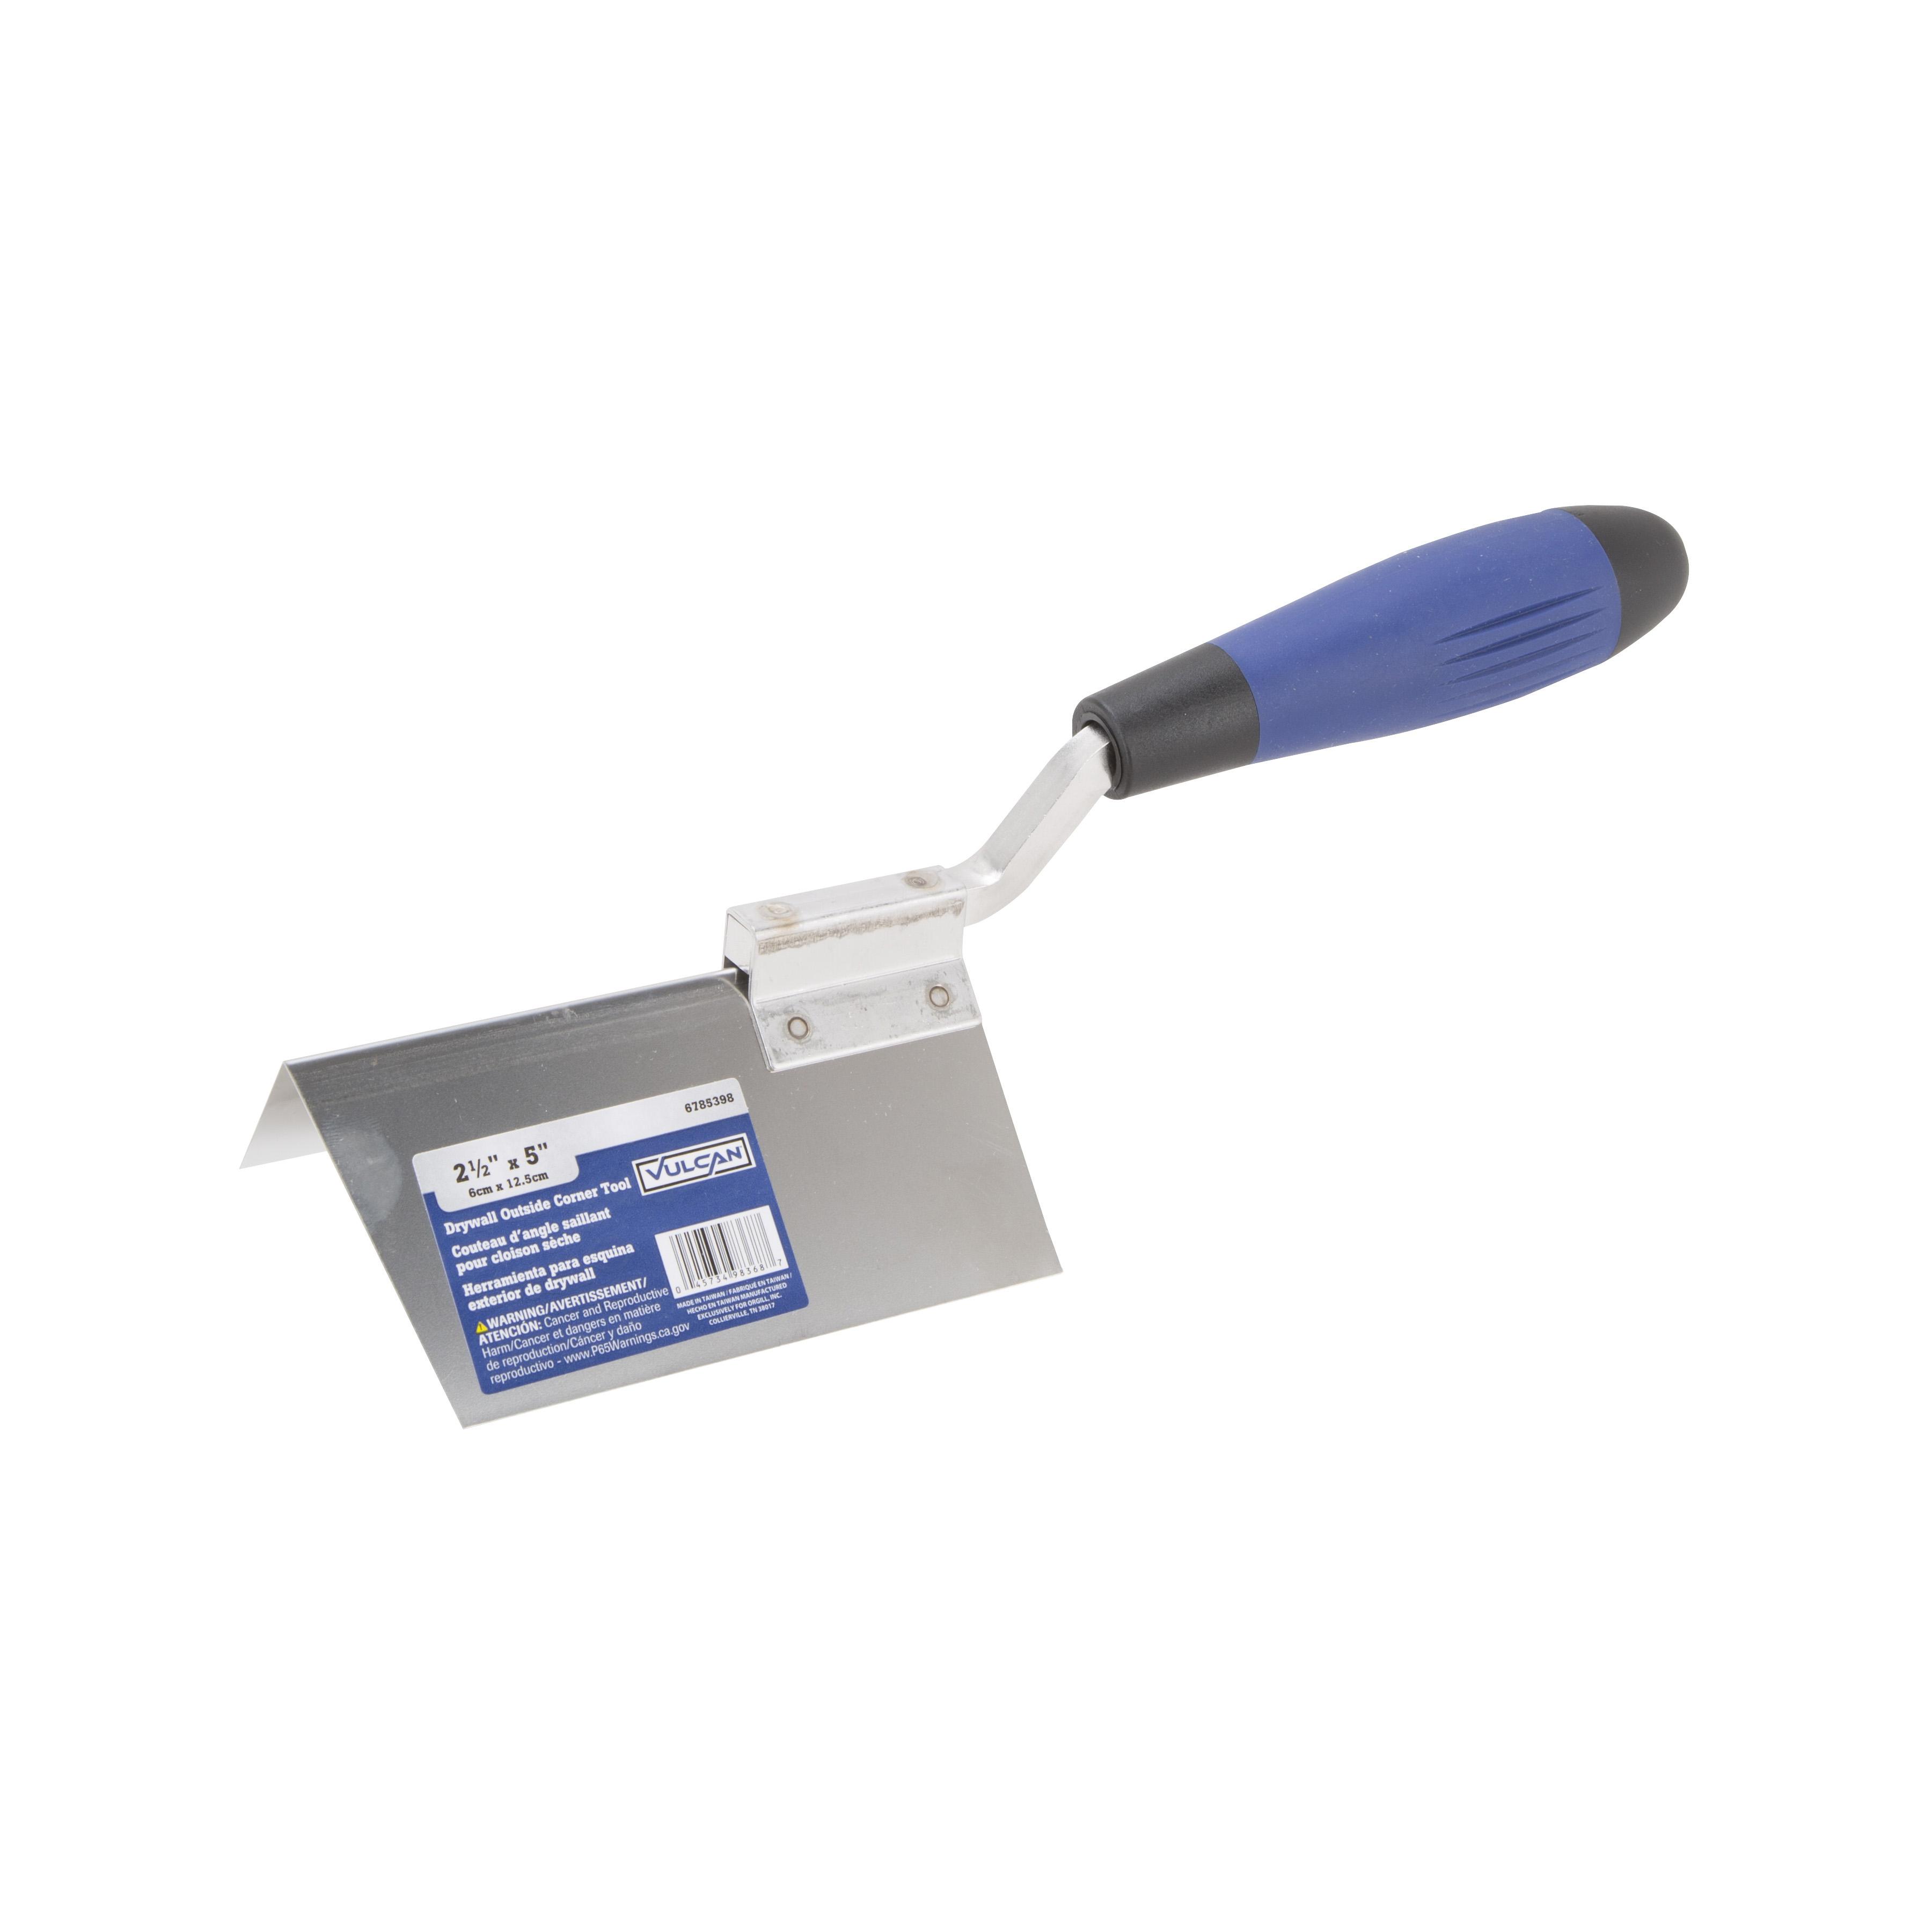 Picture of Vulcan 364863L Drywall Corner Trowel, 2-1/2 in W Blade, 5 in L Blade, Stainless Steel Blade, DuraSoft Handle